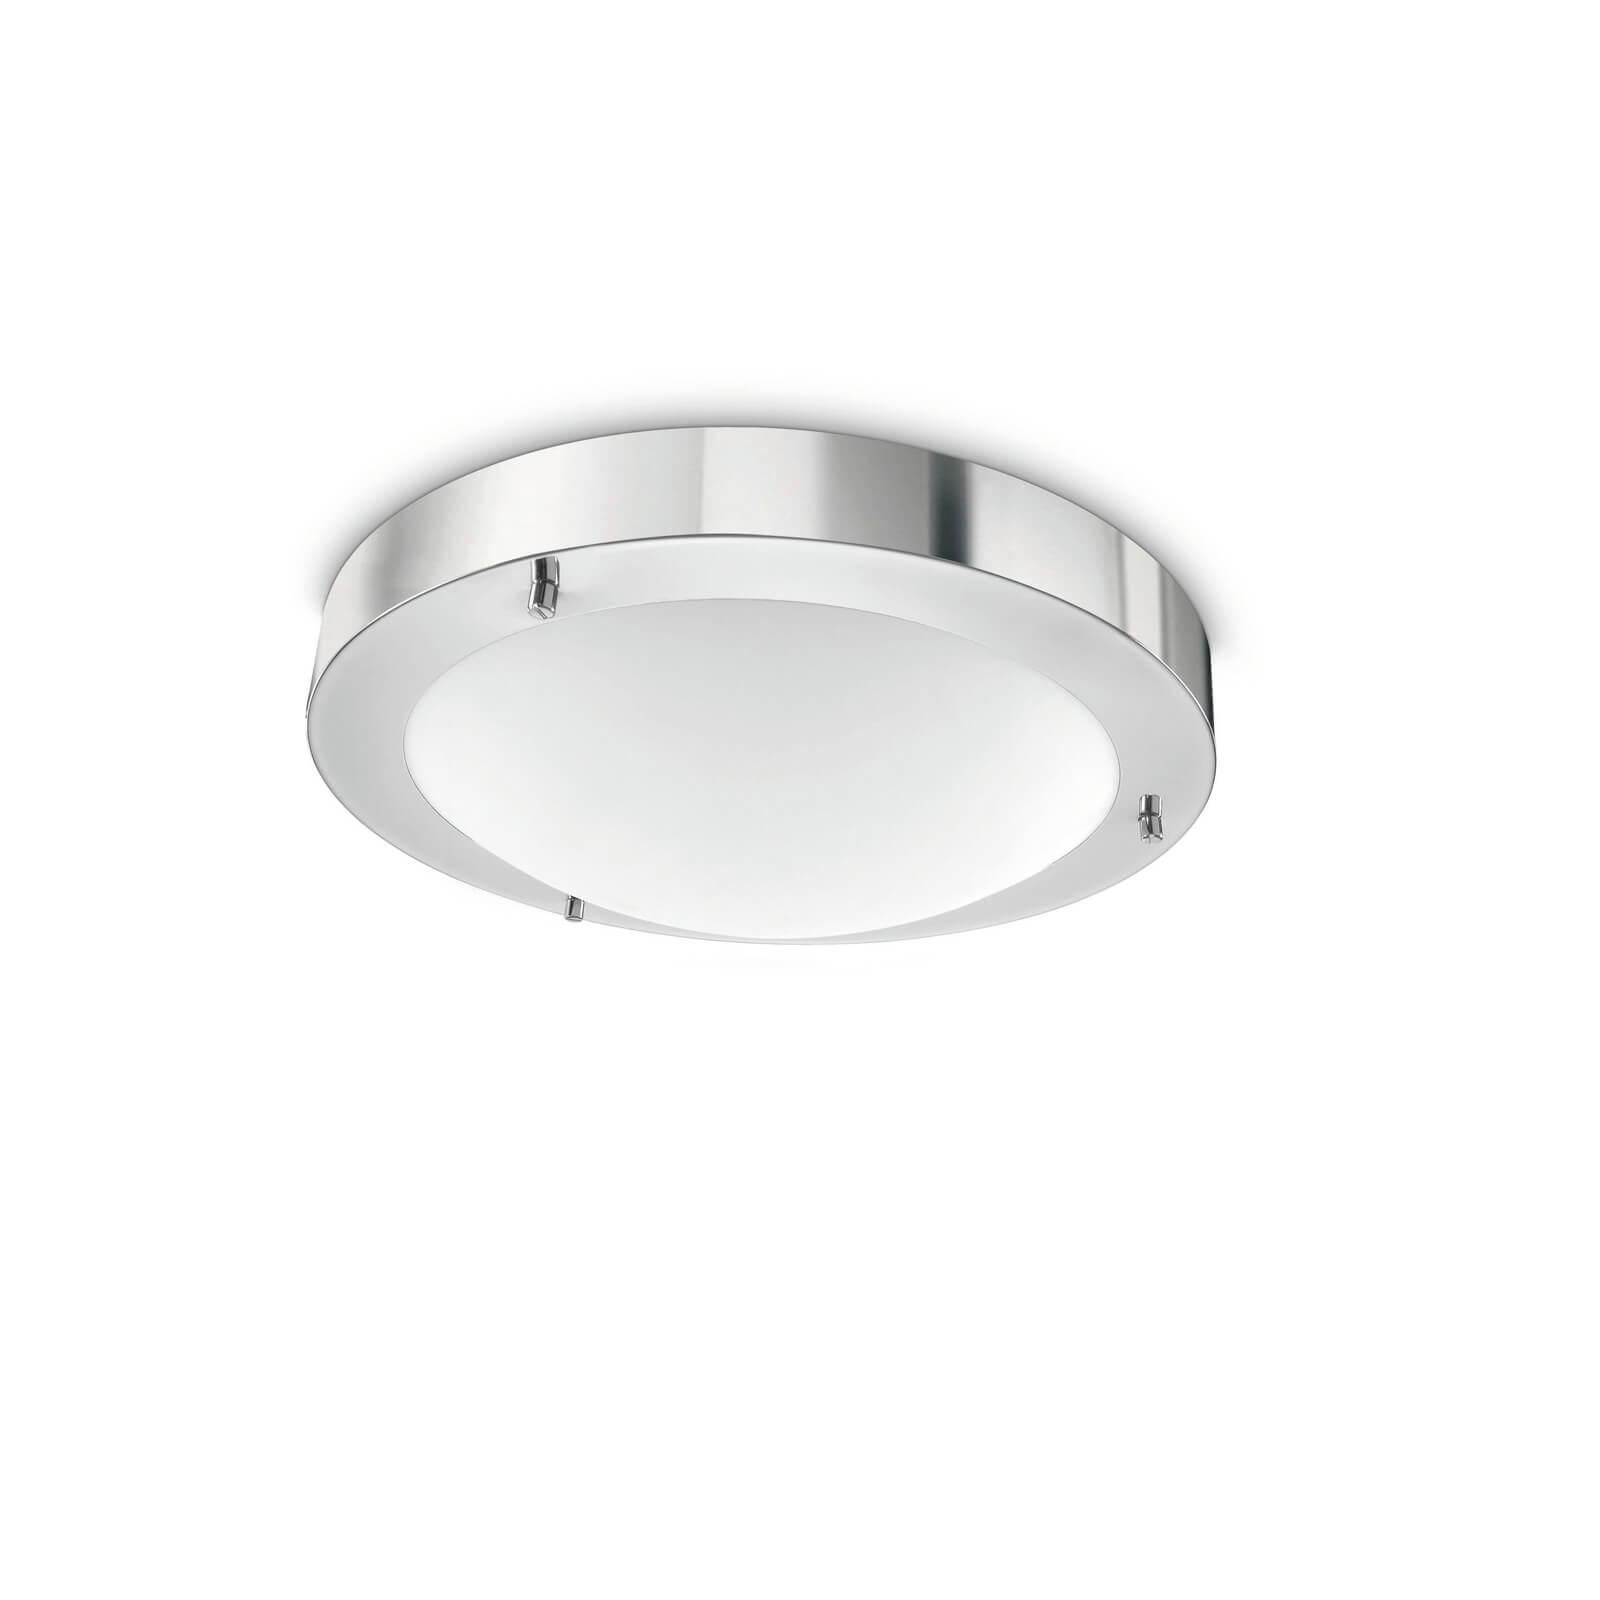 philips mybathroom salts plafondlamp chroom. Black Bedroom Furniture Sets. Home Design Ideas